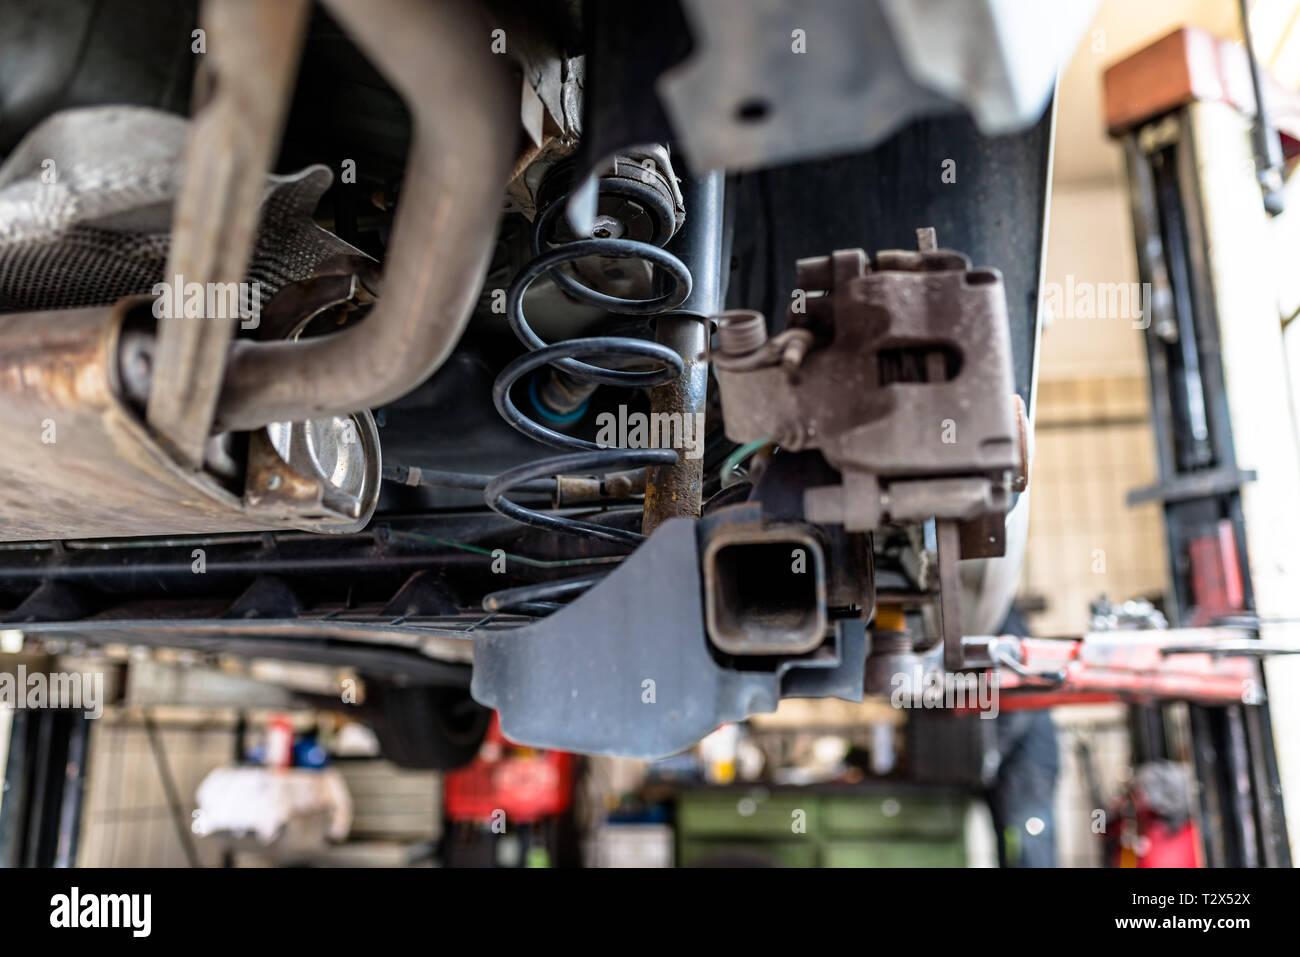 Das hintere Auto Suspension ist sichtbar auf der Unterseite der Federn und der Stoßdämpfer. Stockbild